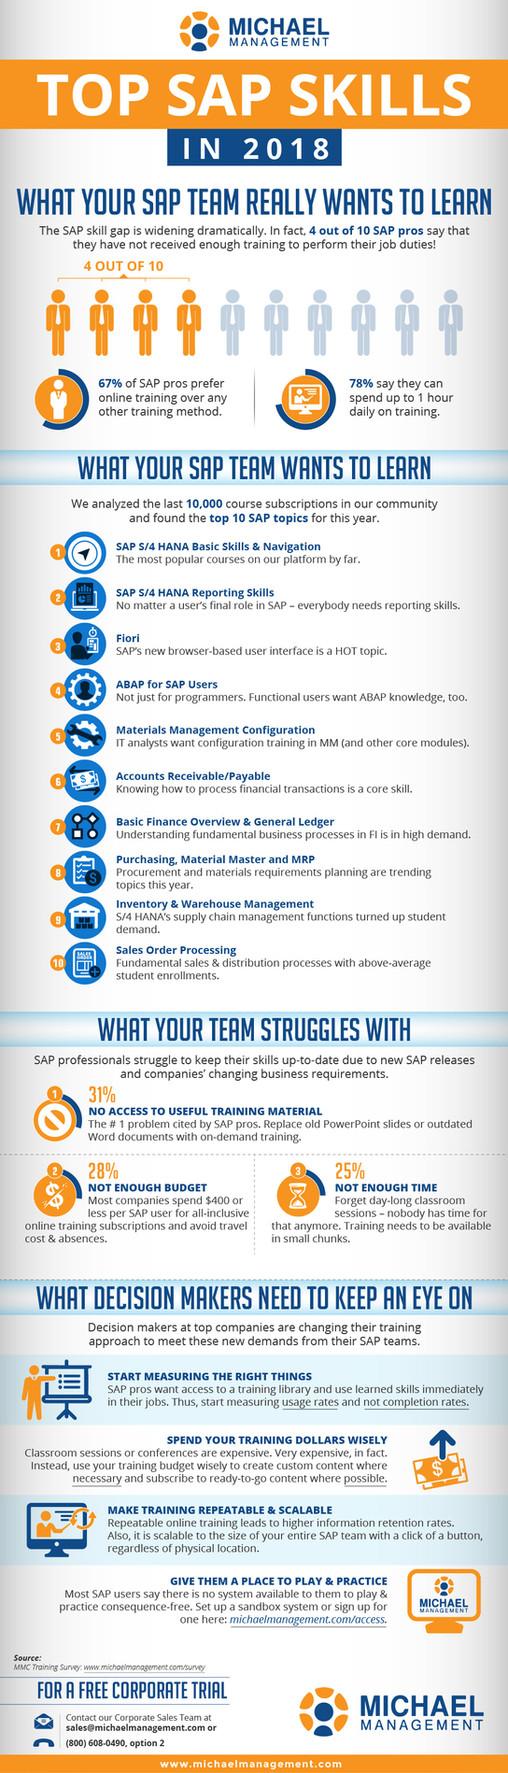 Top SAP Skills in 2015